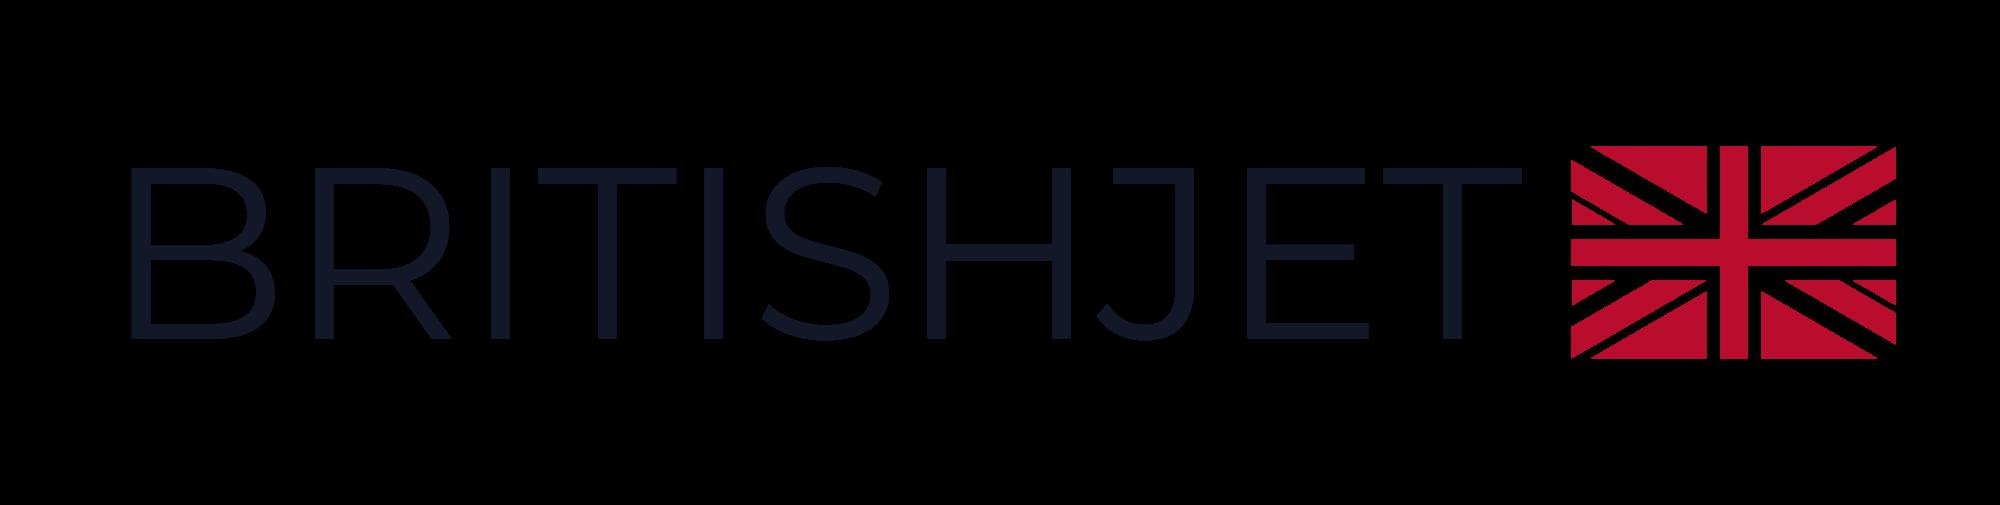 BRITISHJET-logo.png